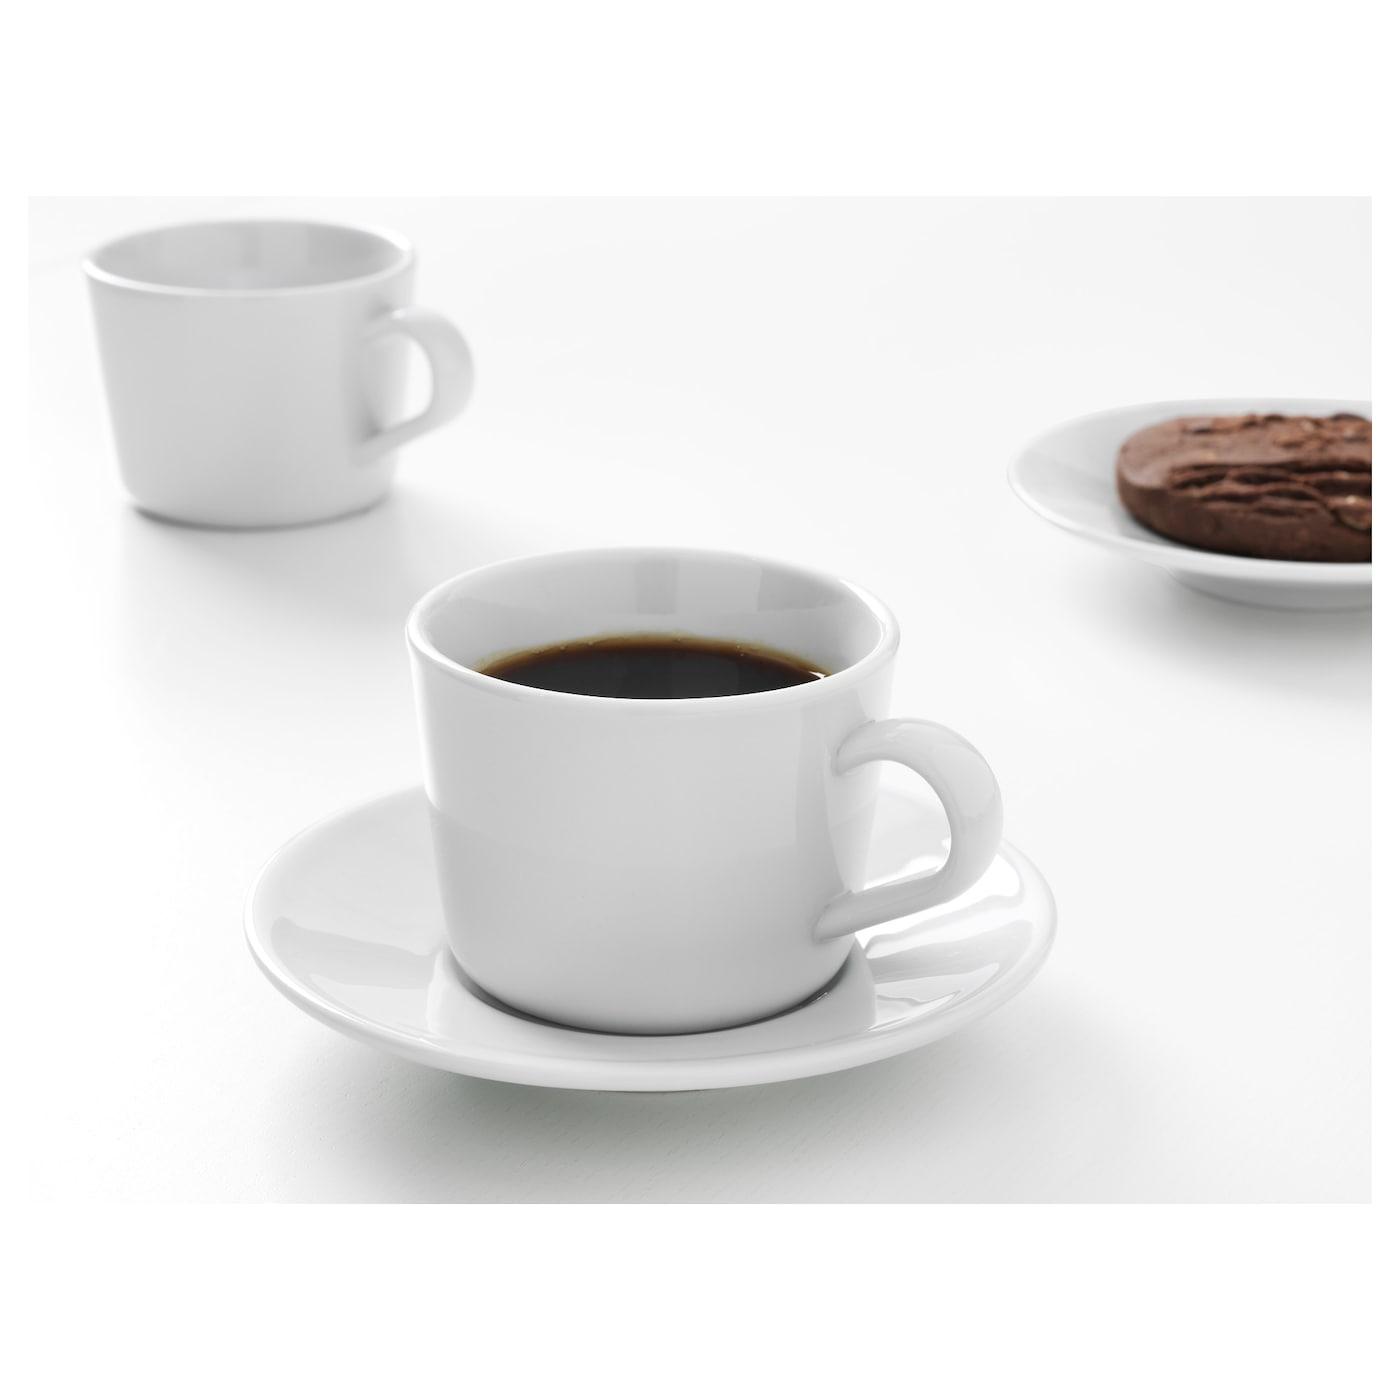 porcelaine tasse de café tasse tasse avec soucoupe; en blanc; Ikea 365 13cl